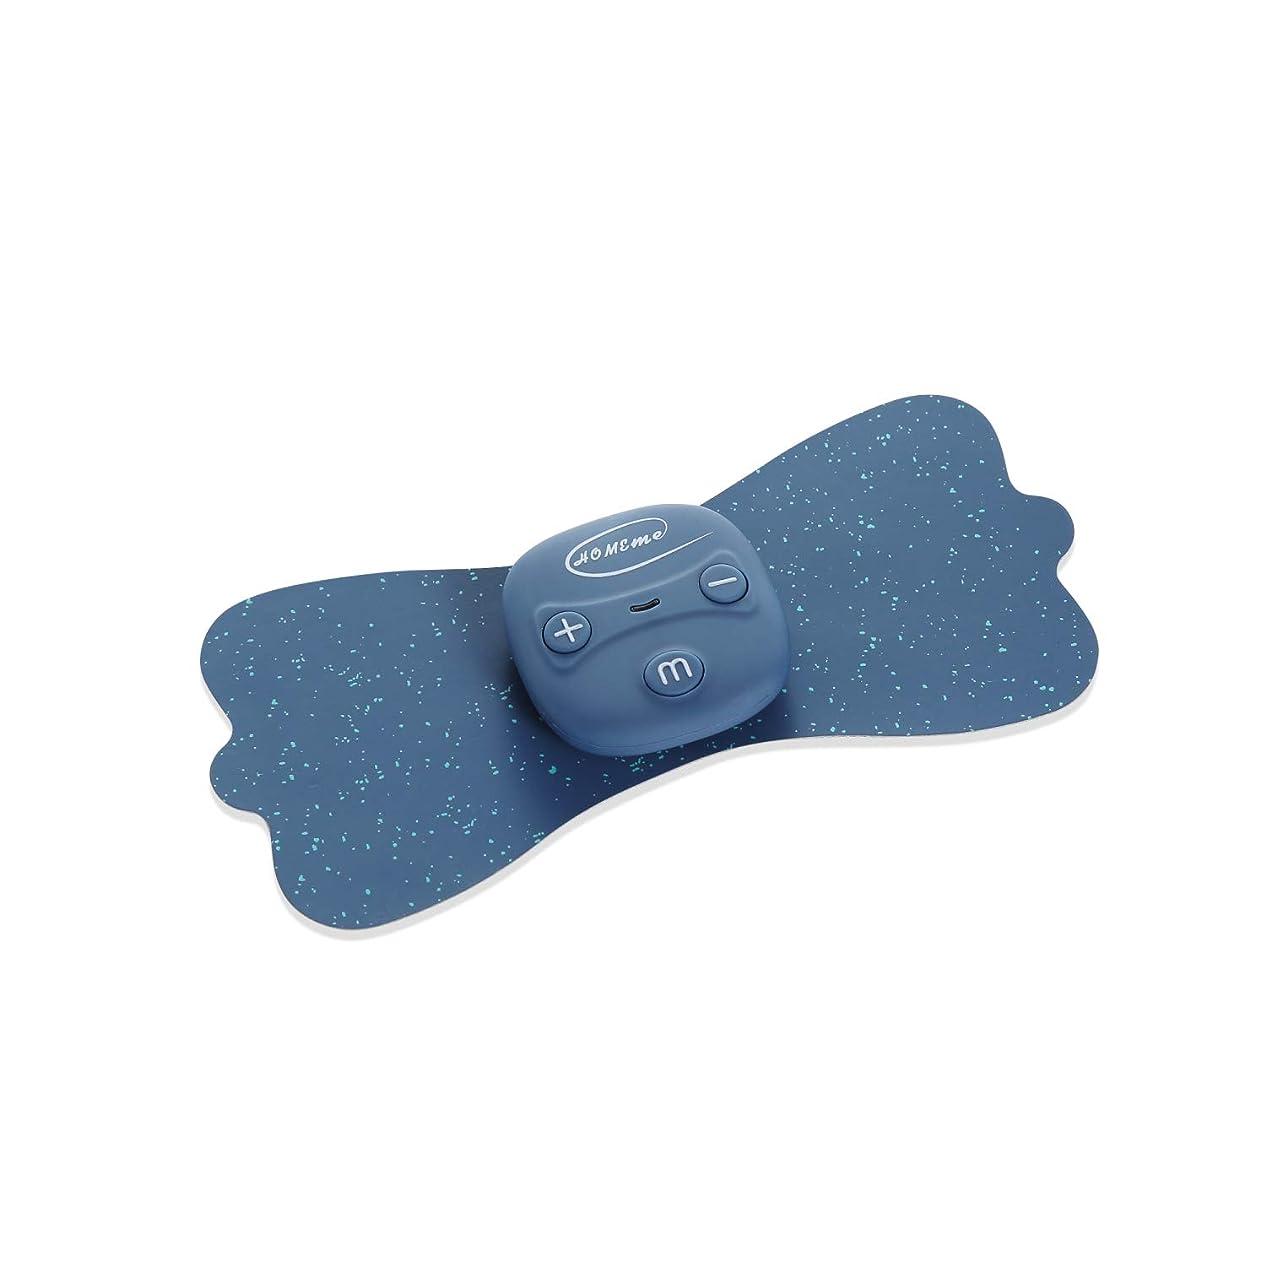 アレルギー性インサート匿名HOMEME 低周波マッサージパッド 2枚 EMSパッド 15段階調節 6つモード 腰マッサージ usb充電式 一年保証 首/肩/腰/背中/手/足向け 筋疲労回復